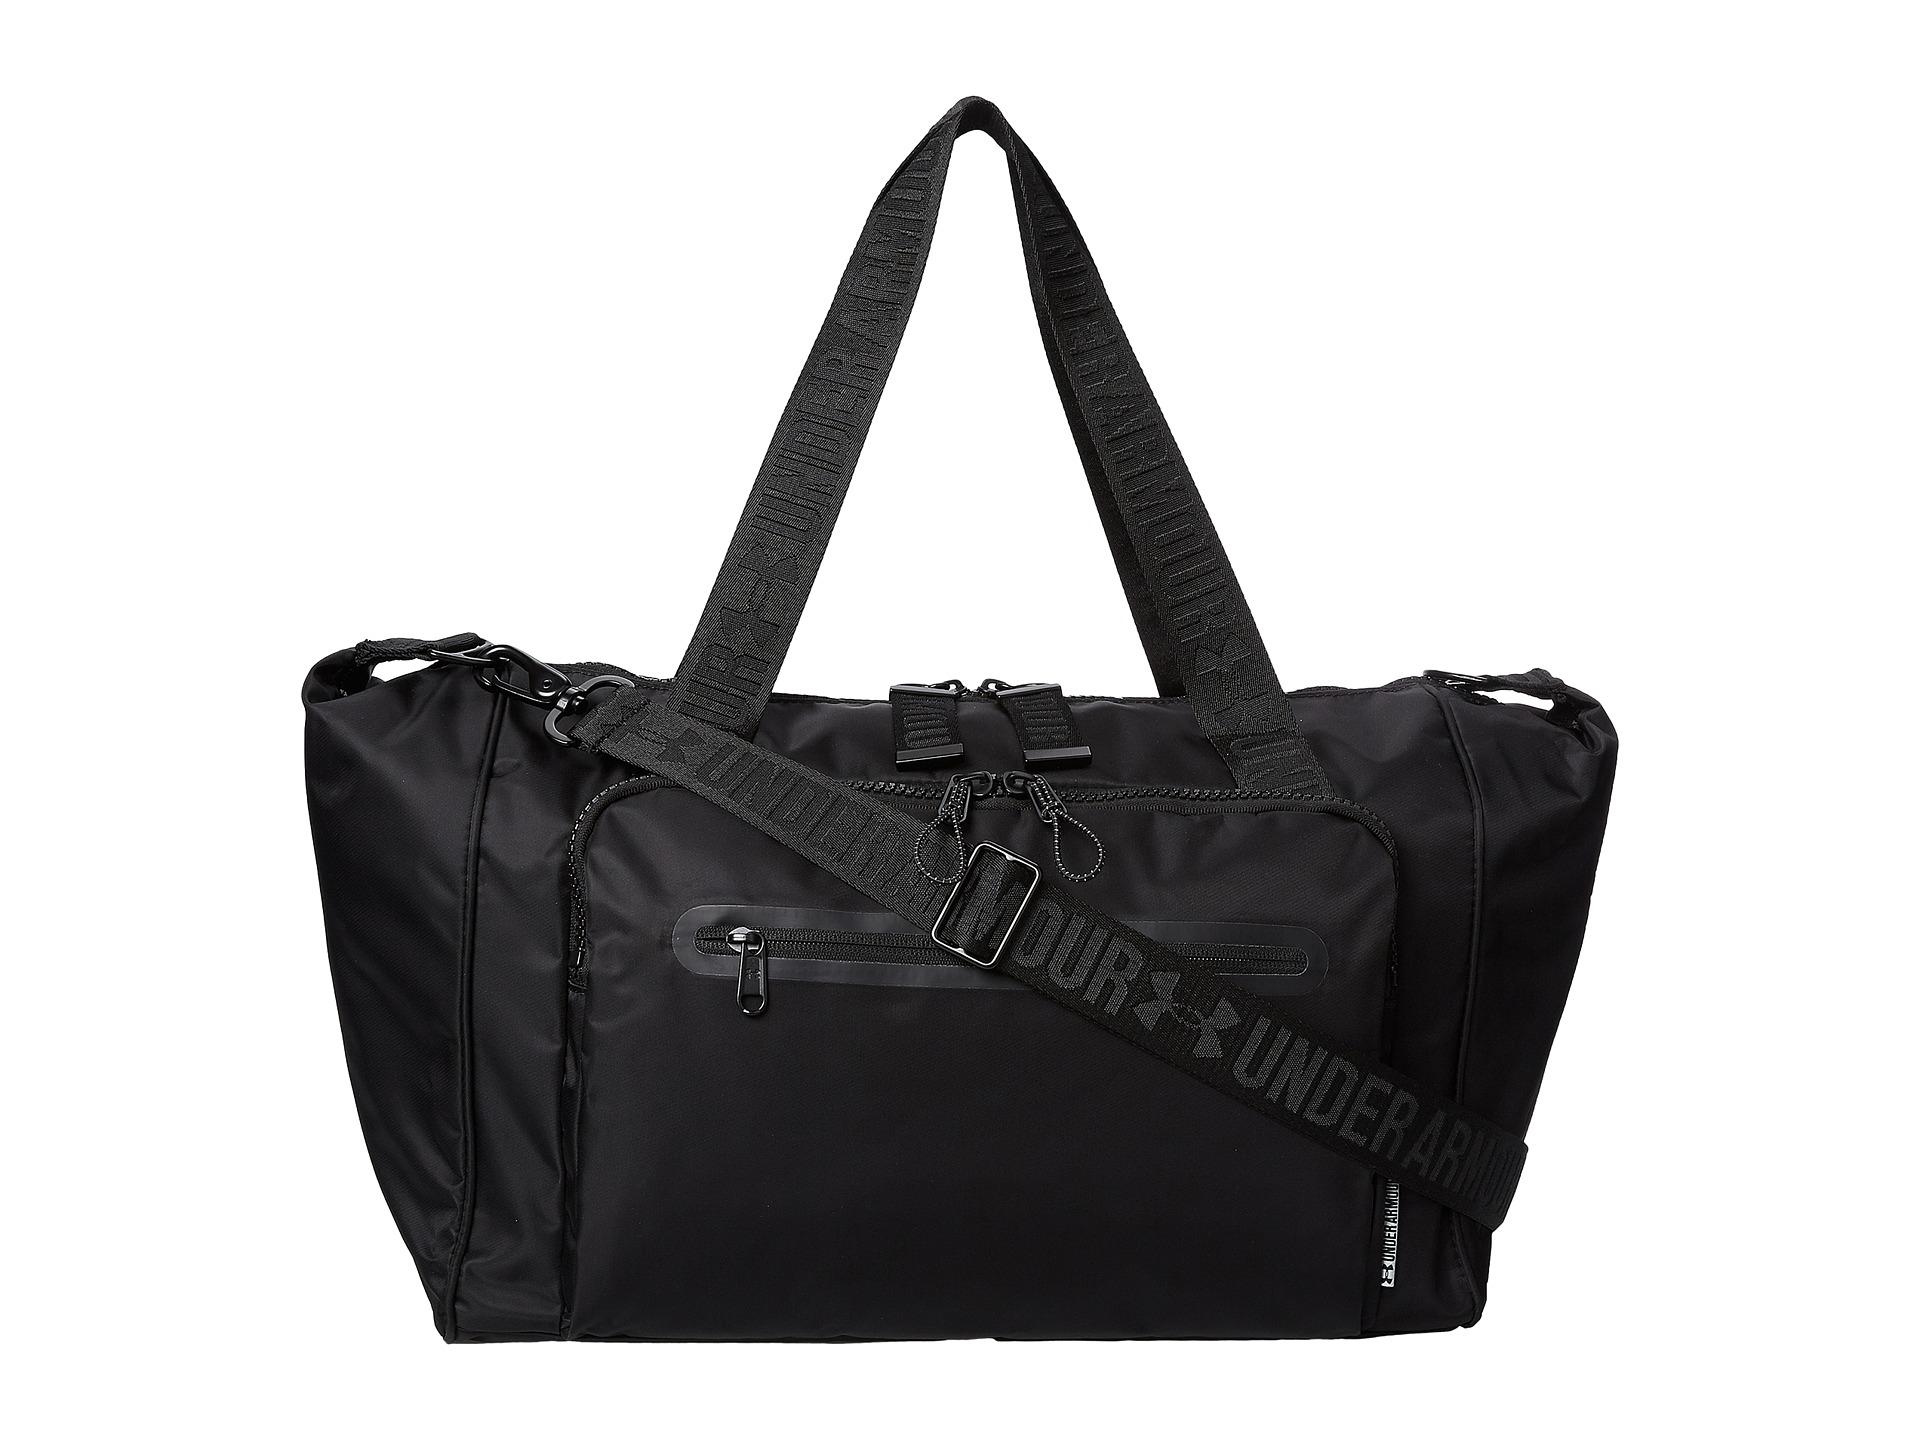 armour ua essentials duffel bag at zappos